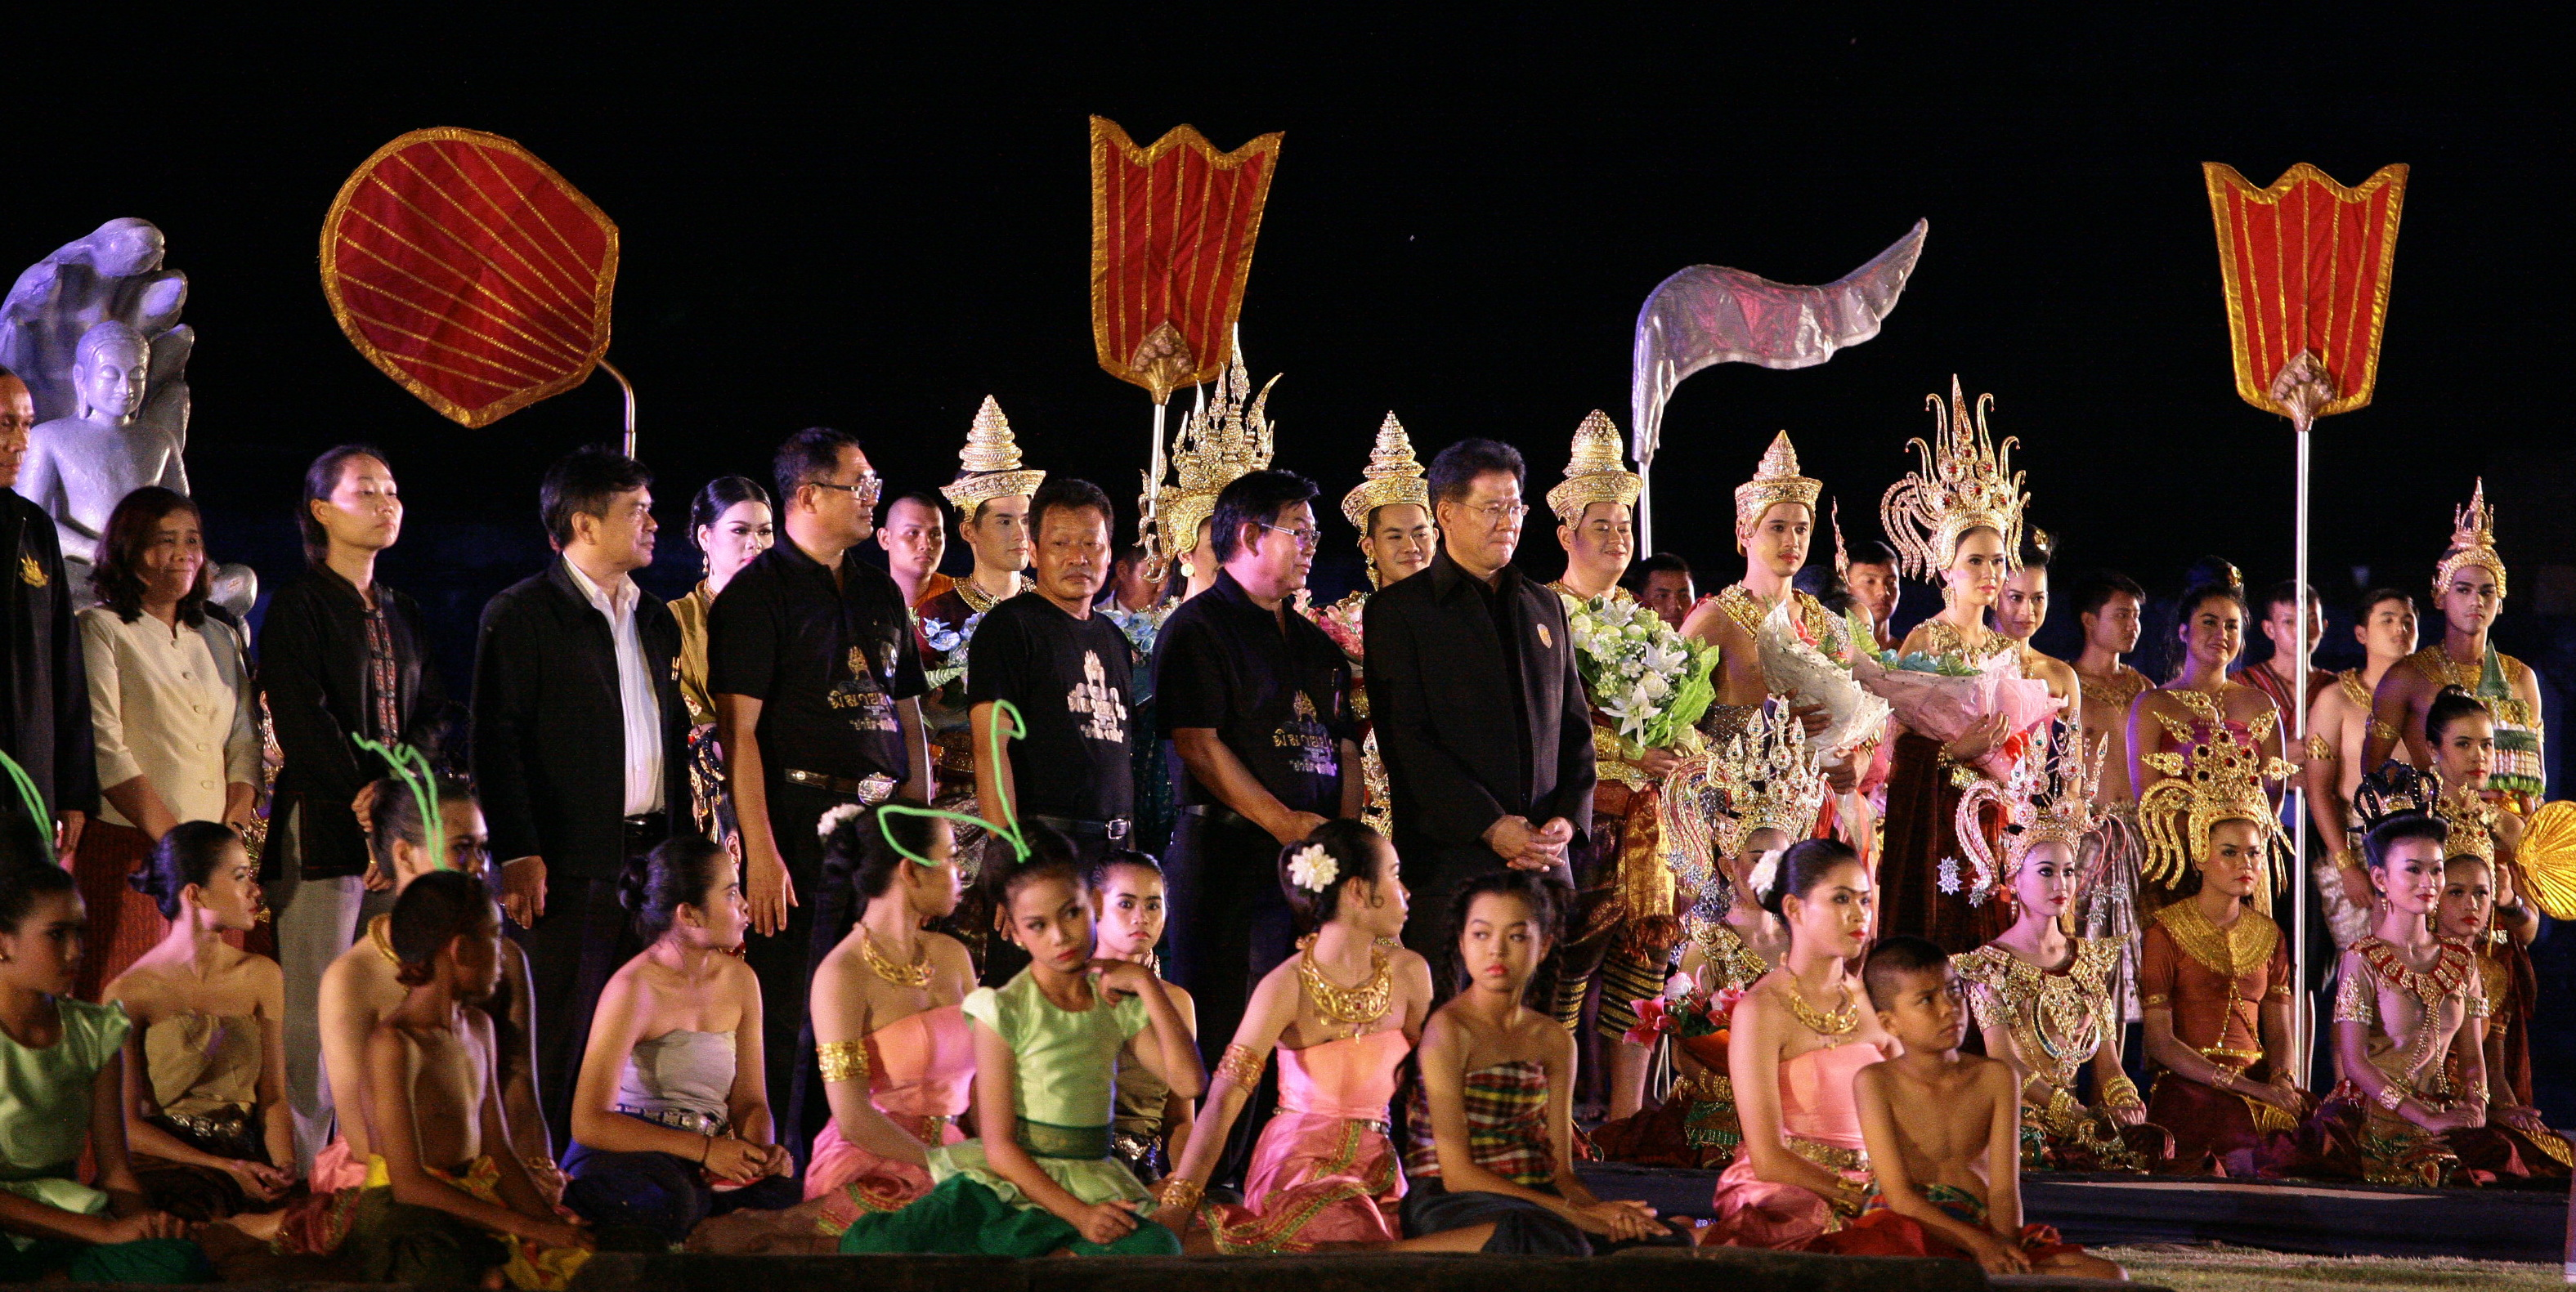 เทศกาลเที่ยวพิมาย นครราชสีมา ประจำปี 2560เทศกาลเที่ยวพิมาย นครราชสีมา ประจำปี 2560